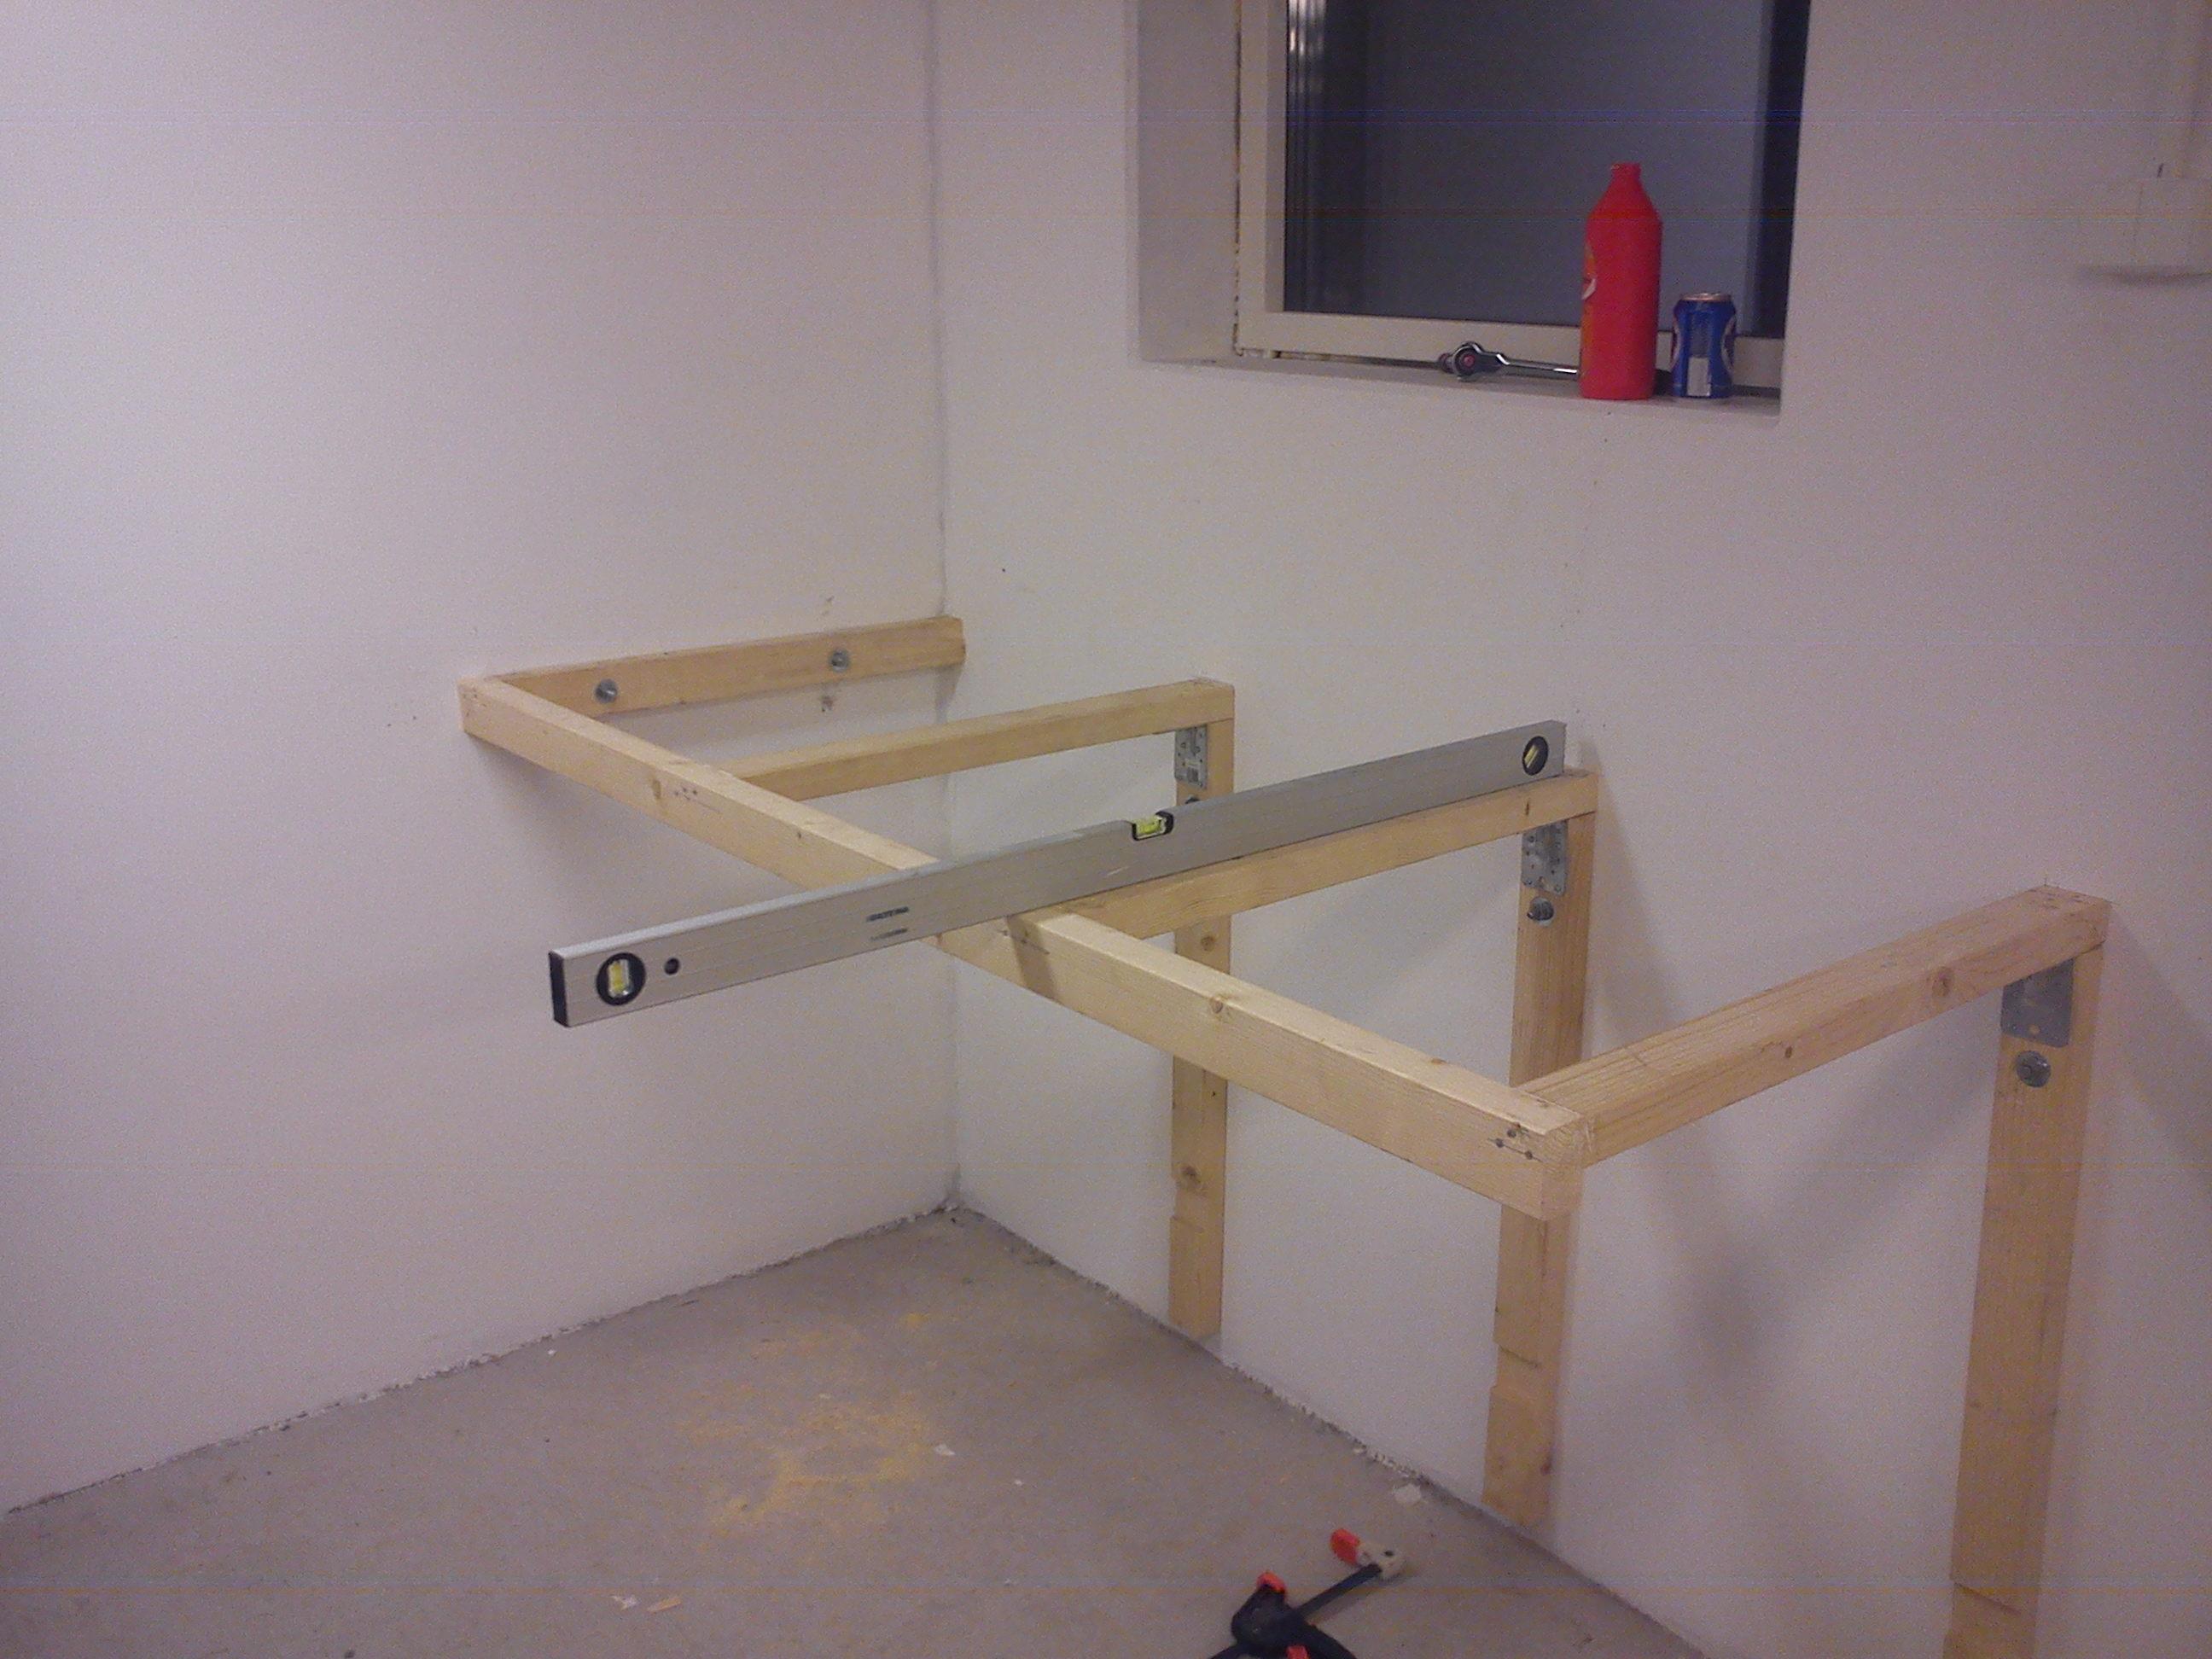 Nya Material till arbetsbänk i garaget - Tips och idéer - Locost Sweden RK-94